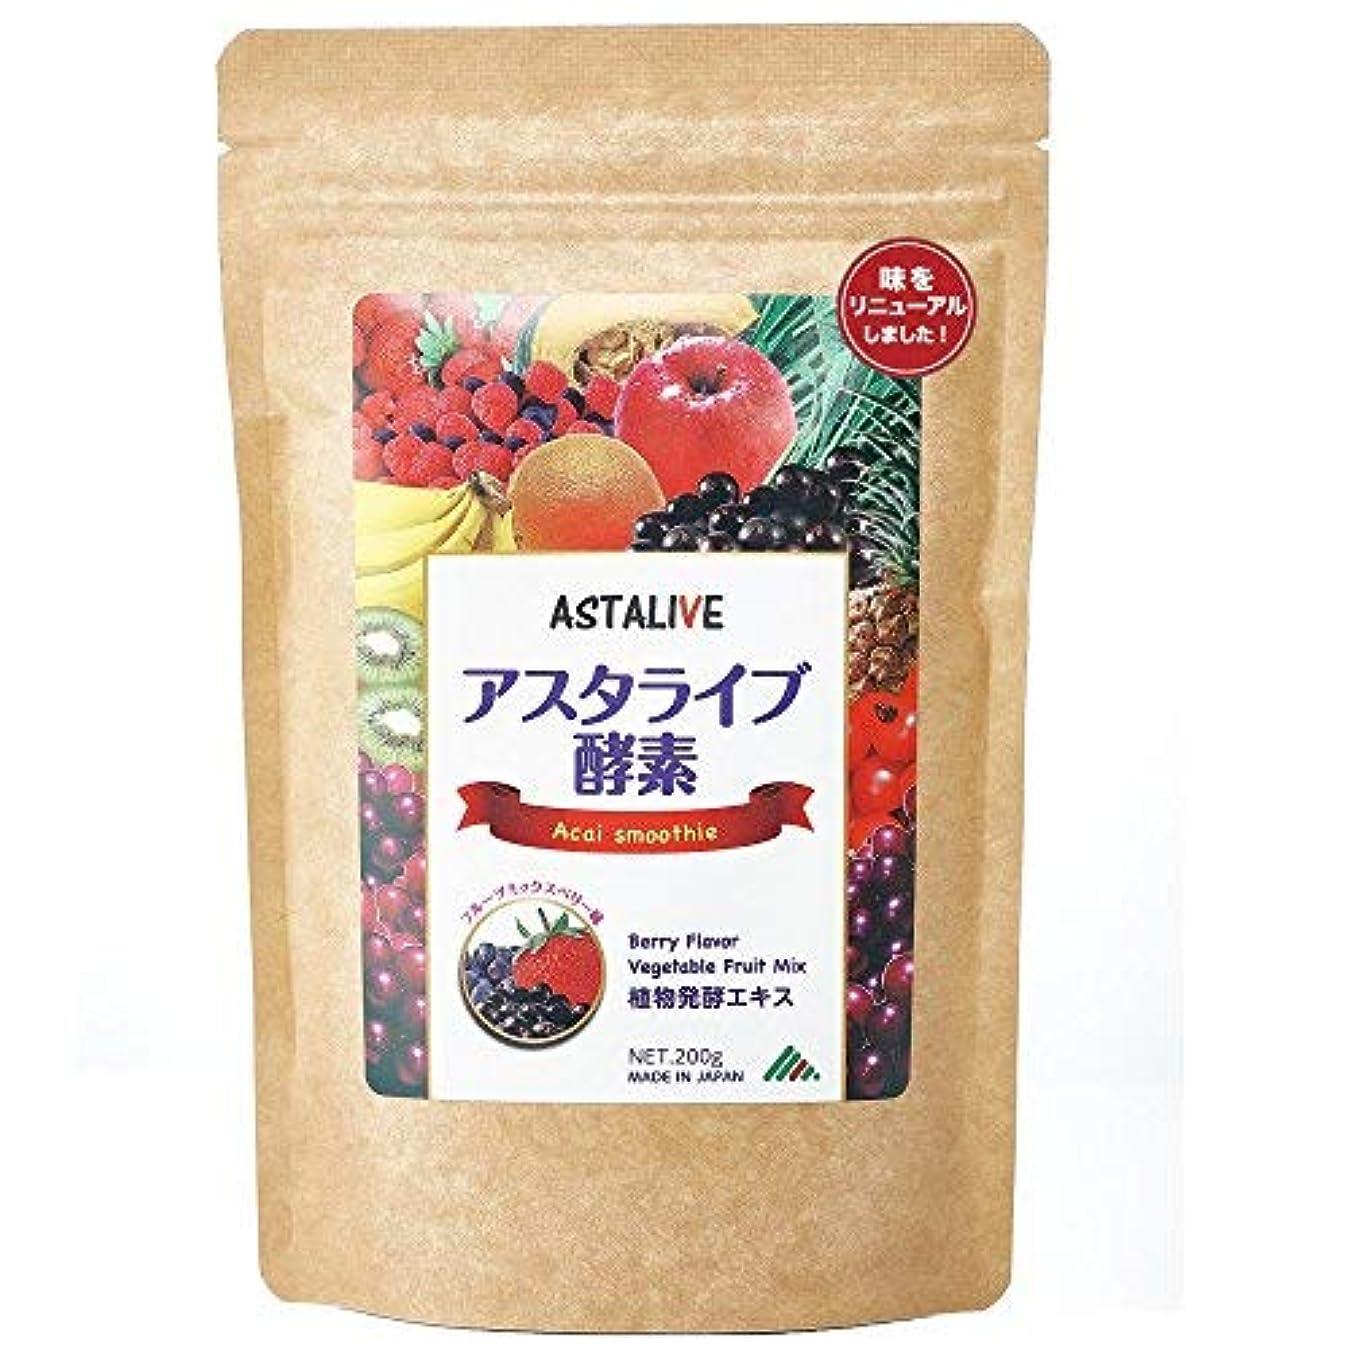 ASTALIVE(アスタライブ) 酵素 スムージー チアシード 乳酸菌 麹菌 入り フルーツミックスベリー味 200g (1)